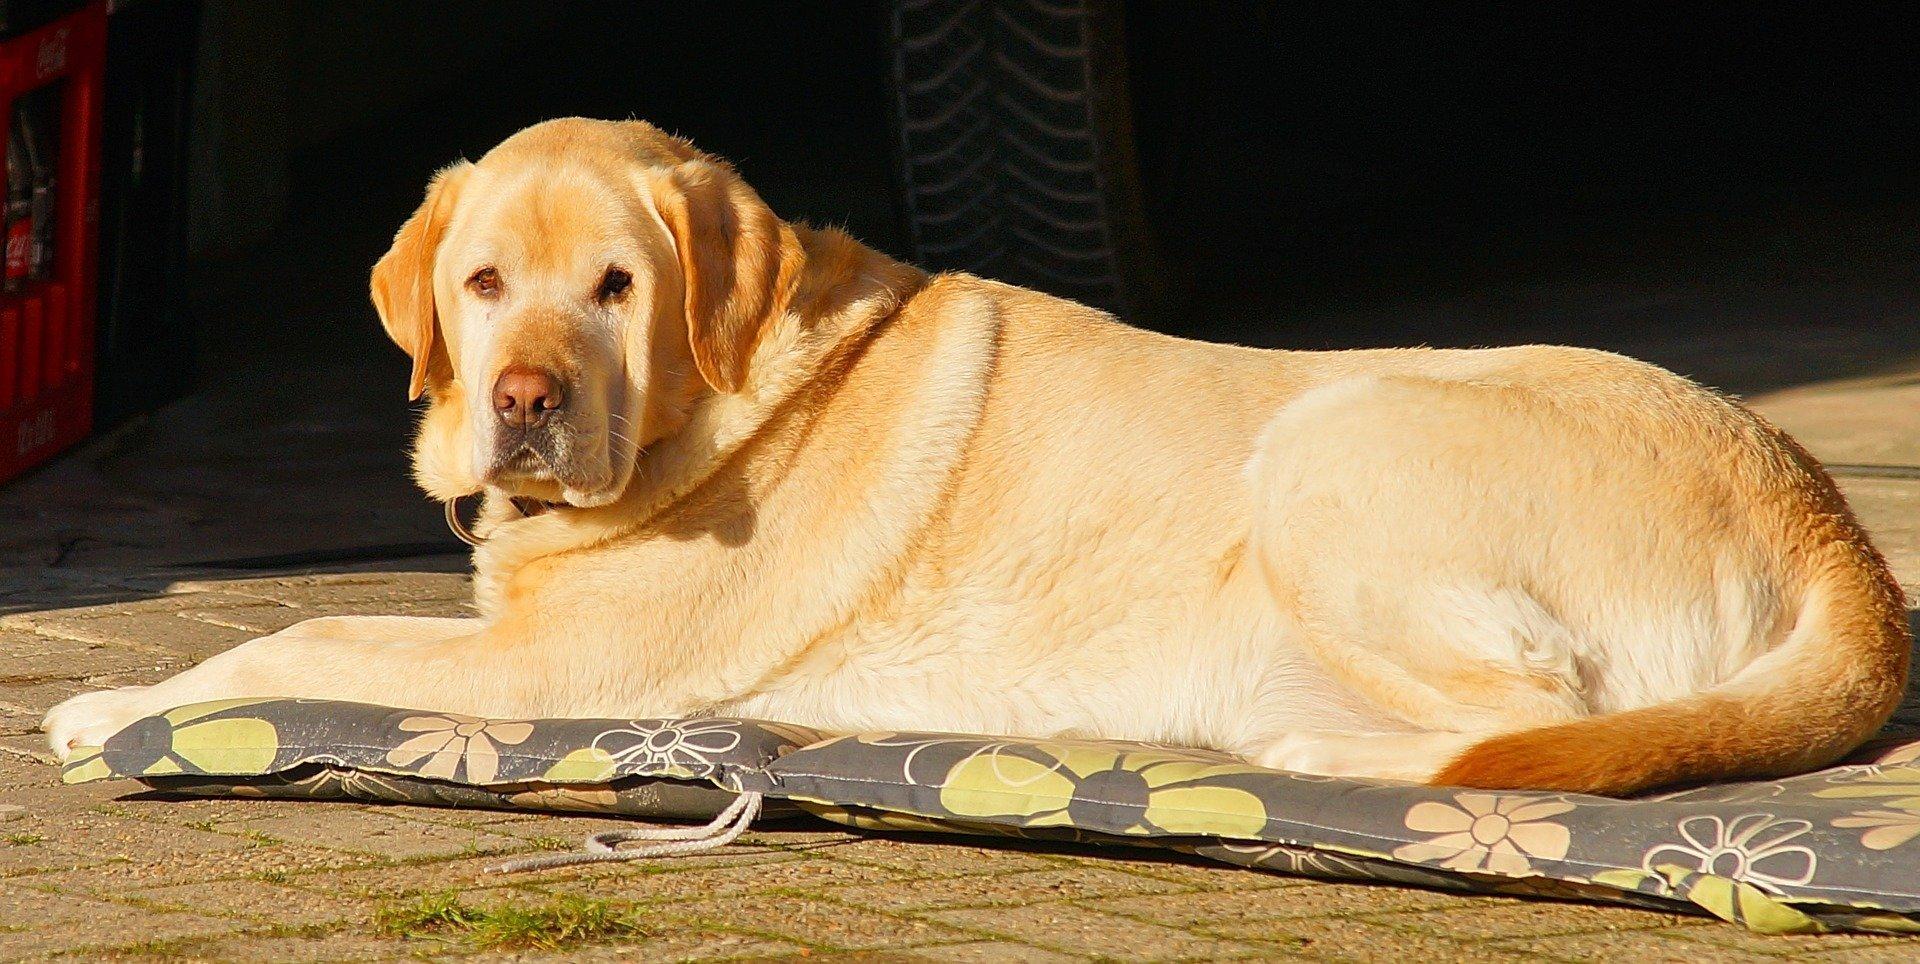 Labrador descansando sobre una estera. | Foto: Pixabay